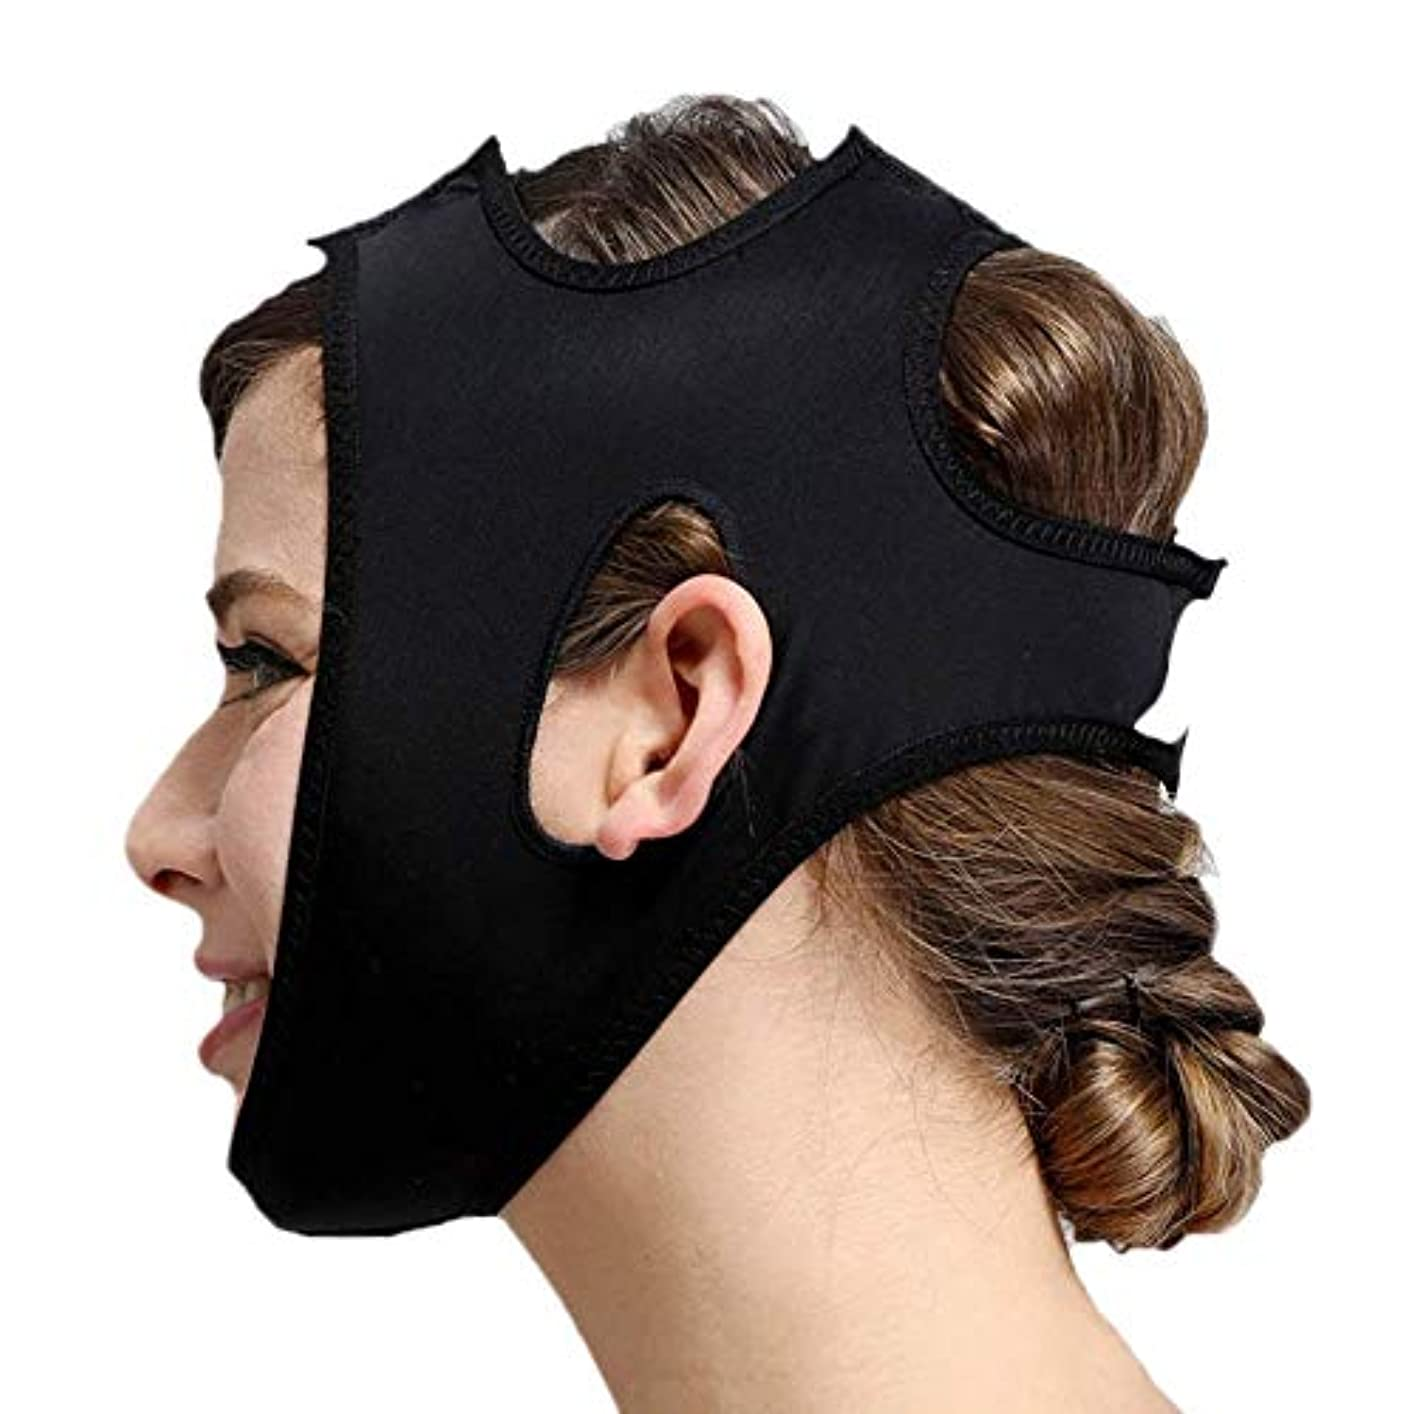 明快シャンプー掘るフェイススリミングマスク、快適さと通気性、フェイシャルリフティング、輪郭の改善された硬さ、ファーミングとリフティングフェイス(カラー:ブラック、サイズ:XL),黒、L